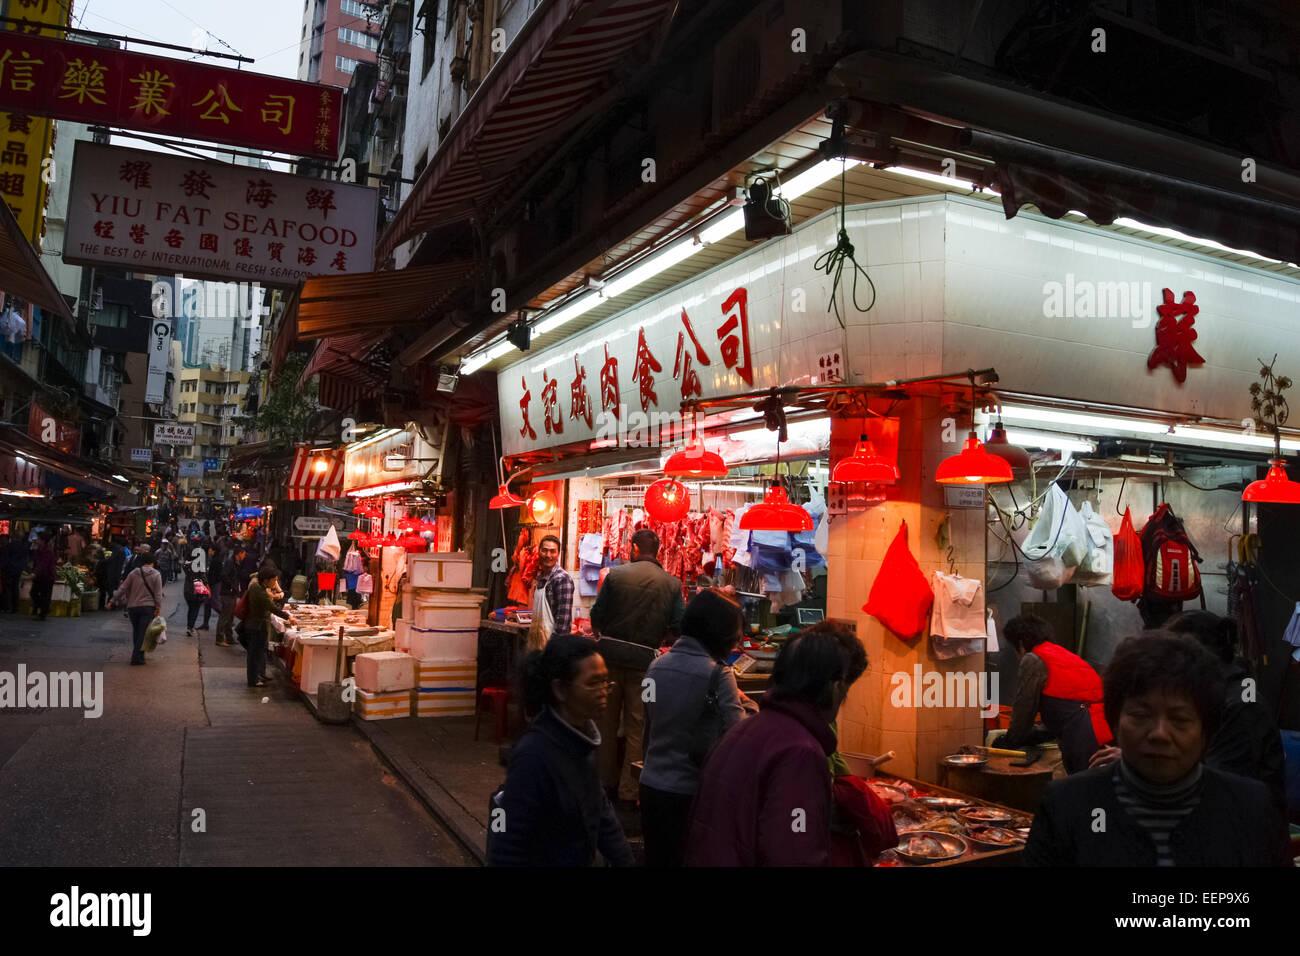 Illuminata supermercato negozio di fronte alla notte in Gage Street, Hong Kong Immagini Stock